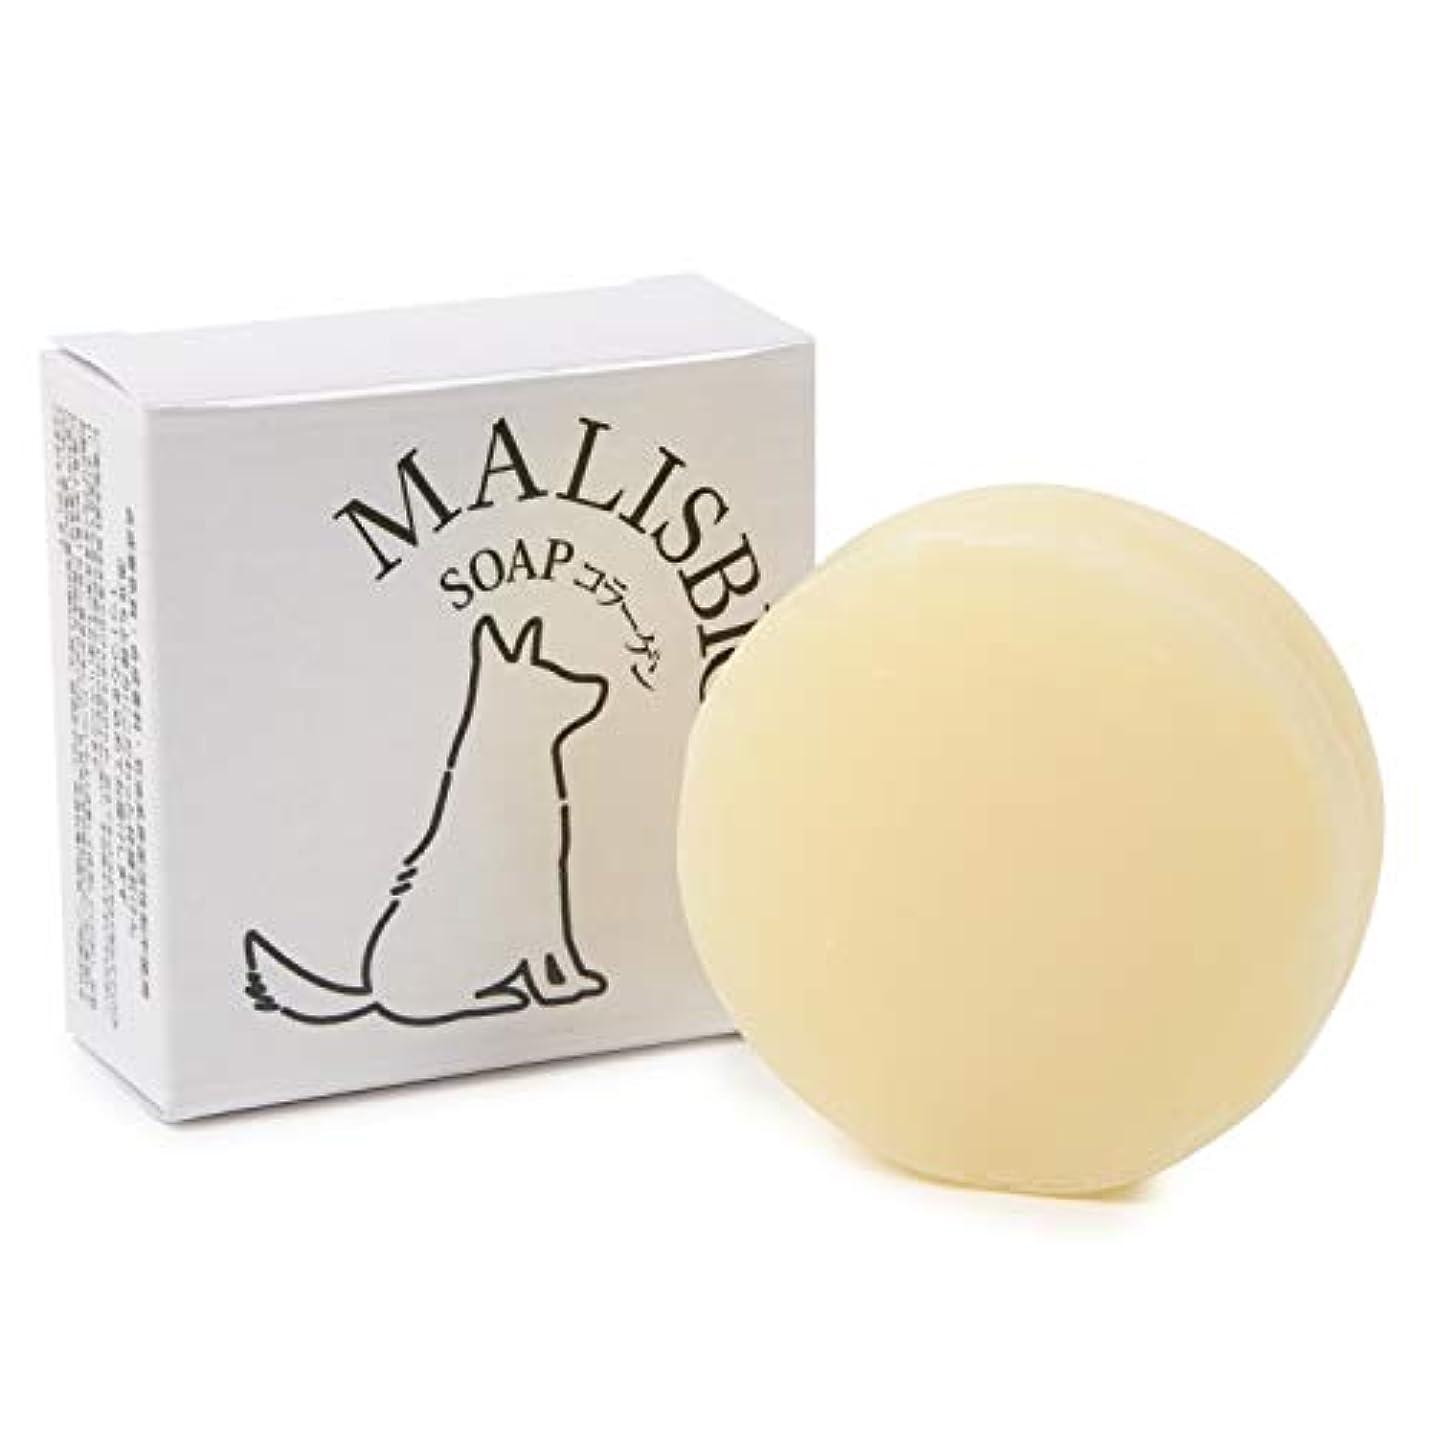 女性土職人コラーゲンソープ 洗顔石鹸 固形 無添加 お肌に優しい成分のみ 敏感肌 毛穴にも 日本製 マリスビオ